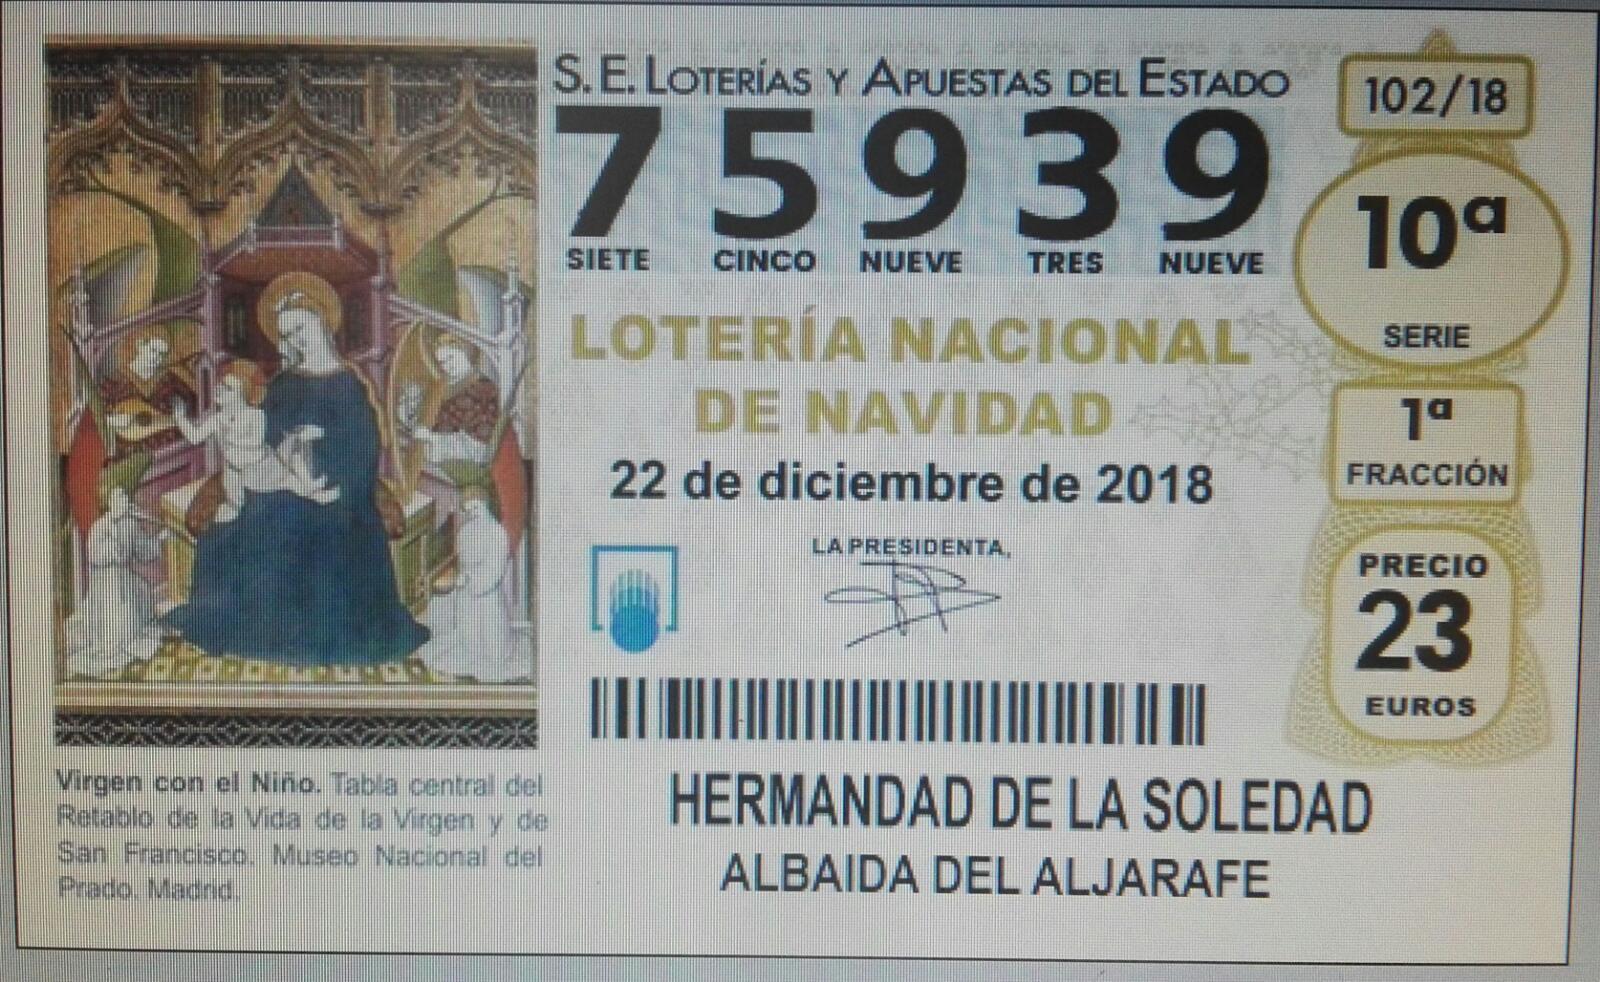 LOTERIA DE NAVIDAD <br>